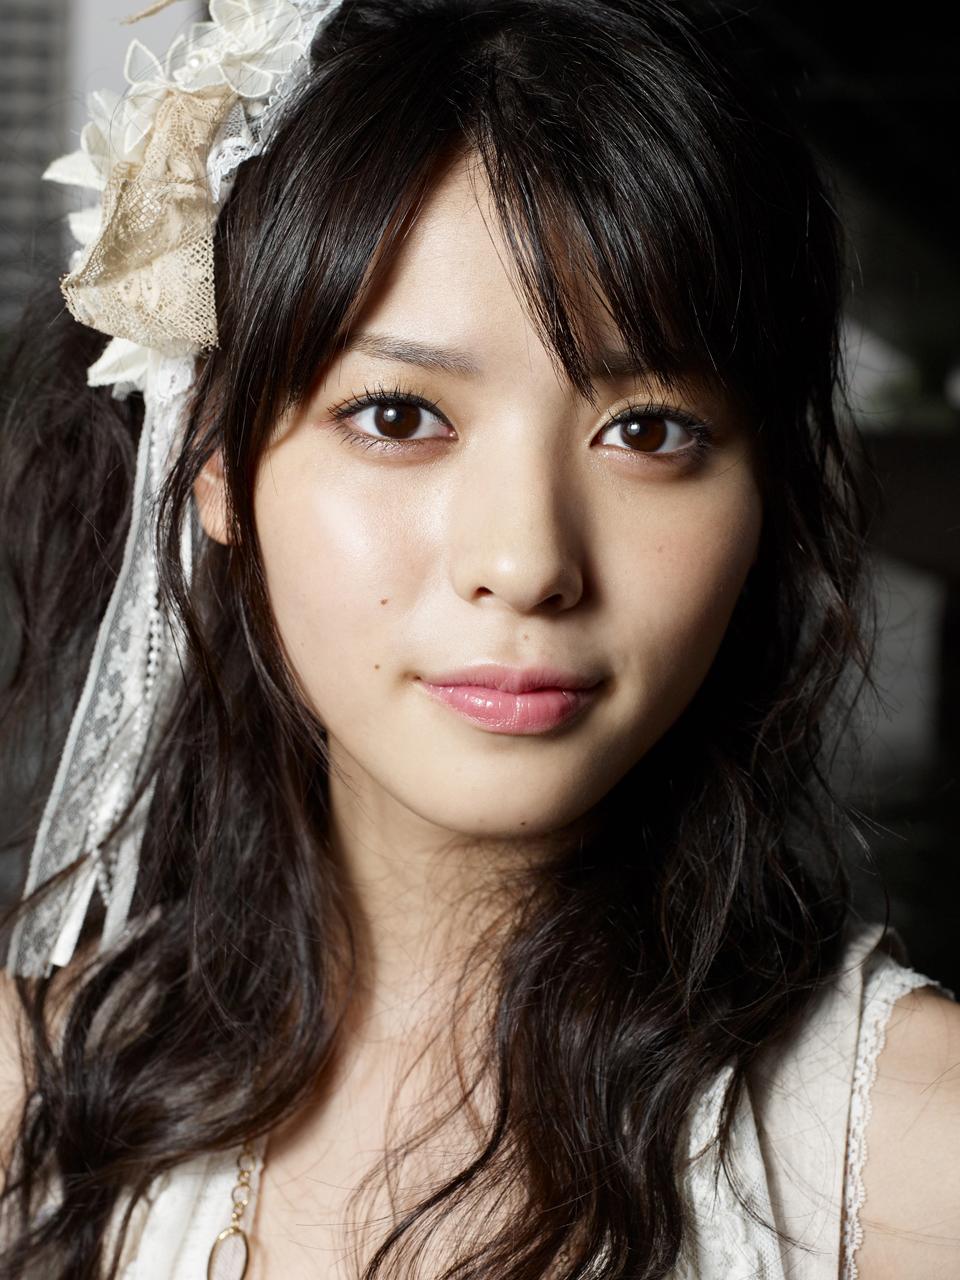 アイドルグループ【℃-ute】のリーダー!矢島舞美の魅力的な画像!のサムネイル画像